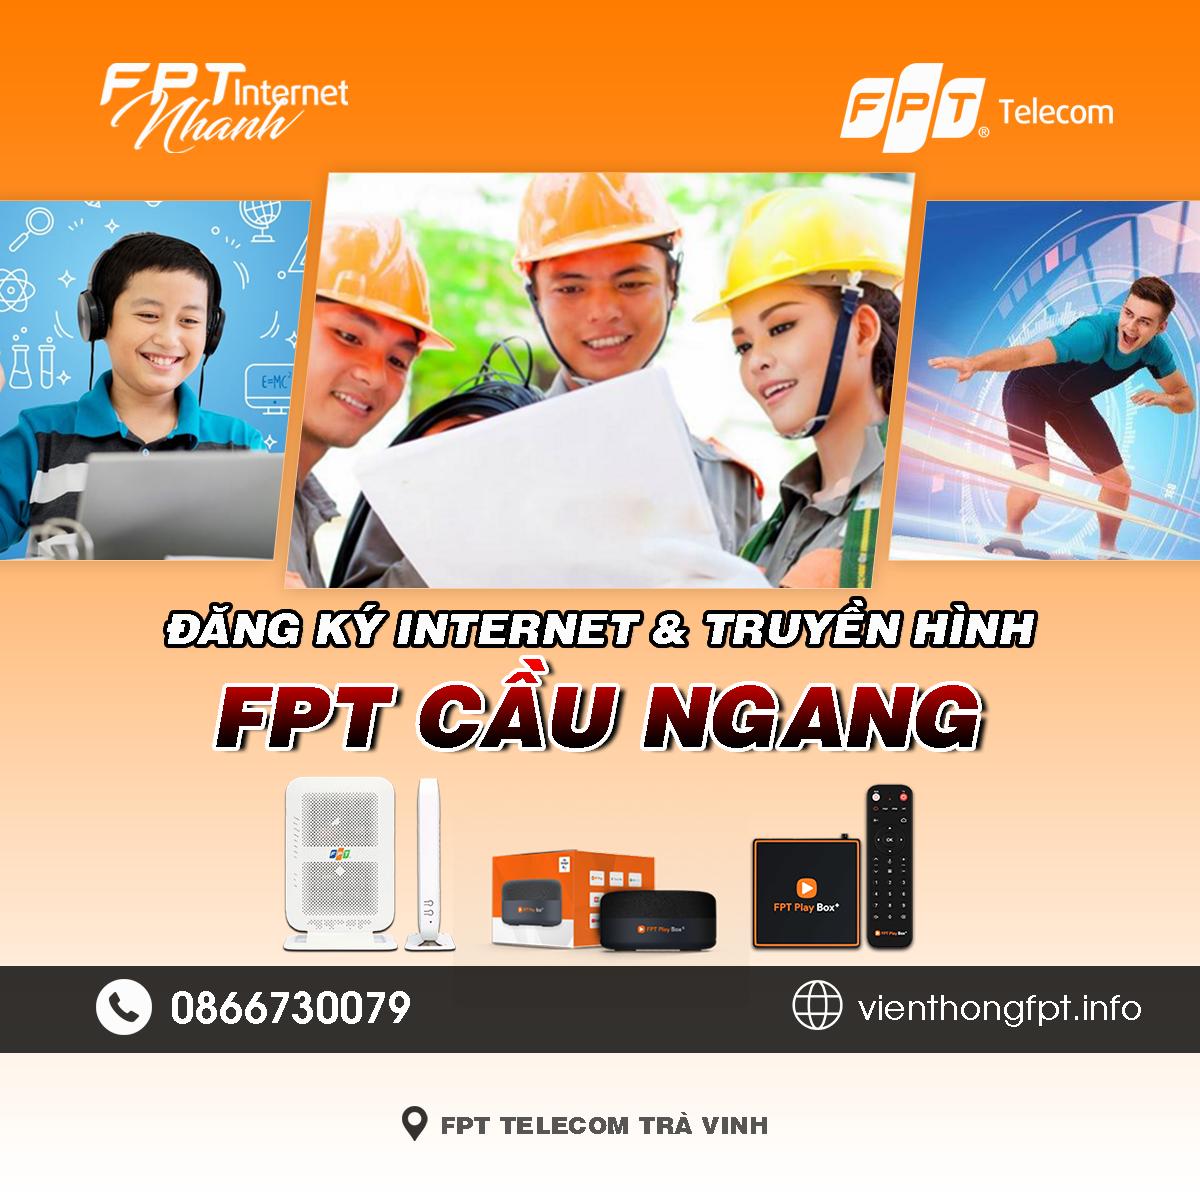 Tổng đài FPT Cầu Ngang - Đơn vị lắp mạng Internet và Truyền hình FPT